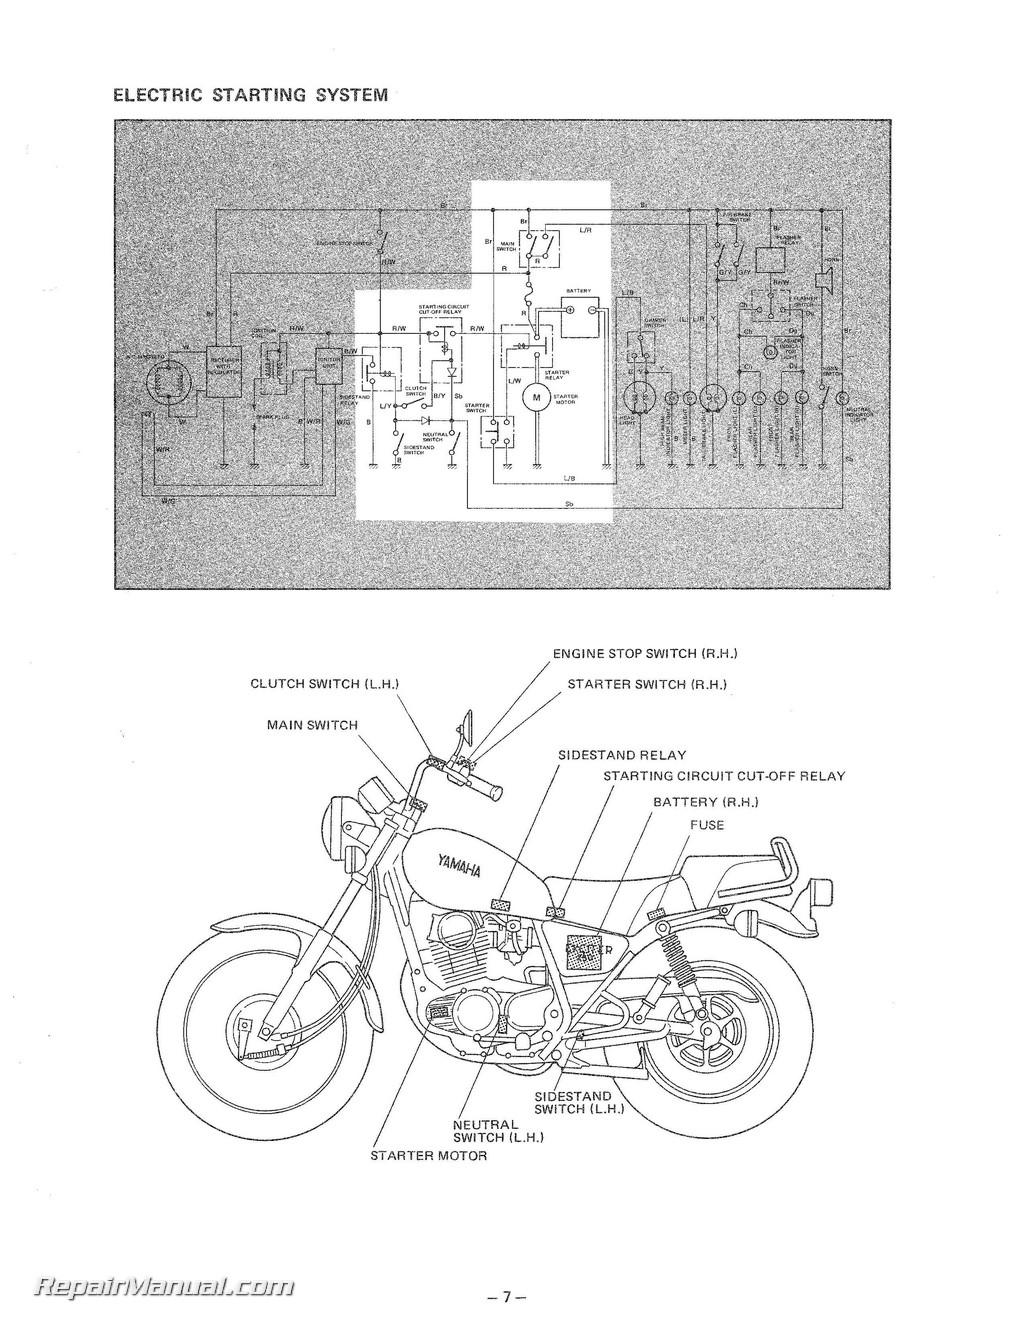 Yamaha sr250 wiring diagram 1980 yamaha sr250 wiring diagram diagram for wiring a yamaha sr250 free download wiring diagrams yamaha banshee wiring diagram at sciox Gallery